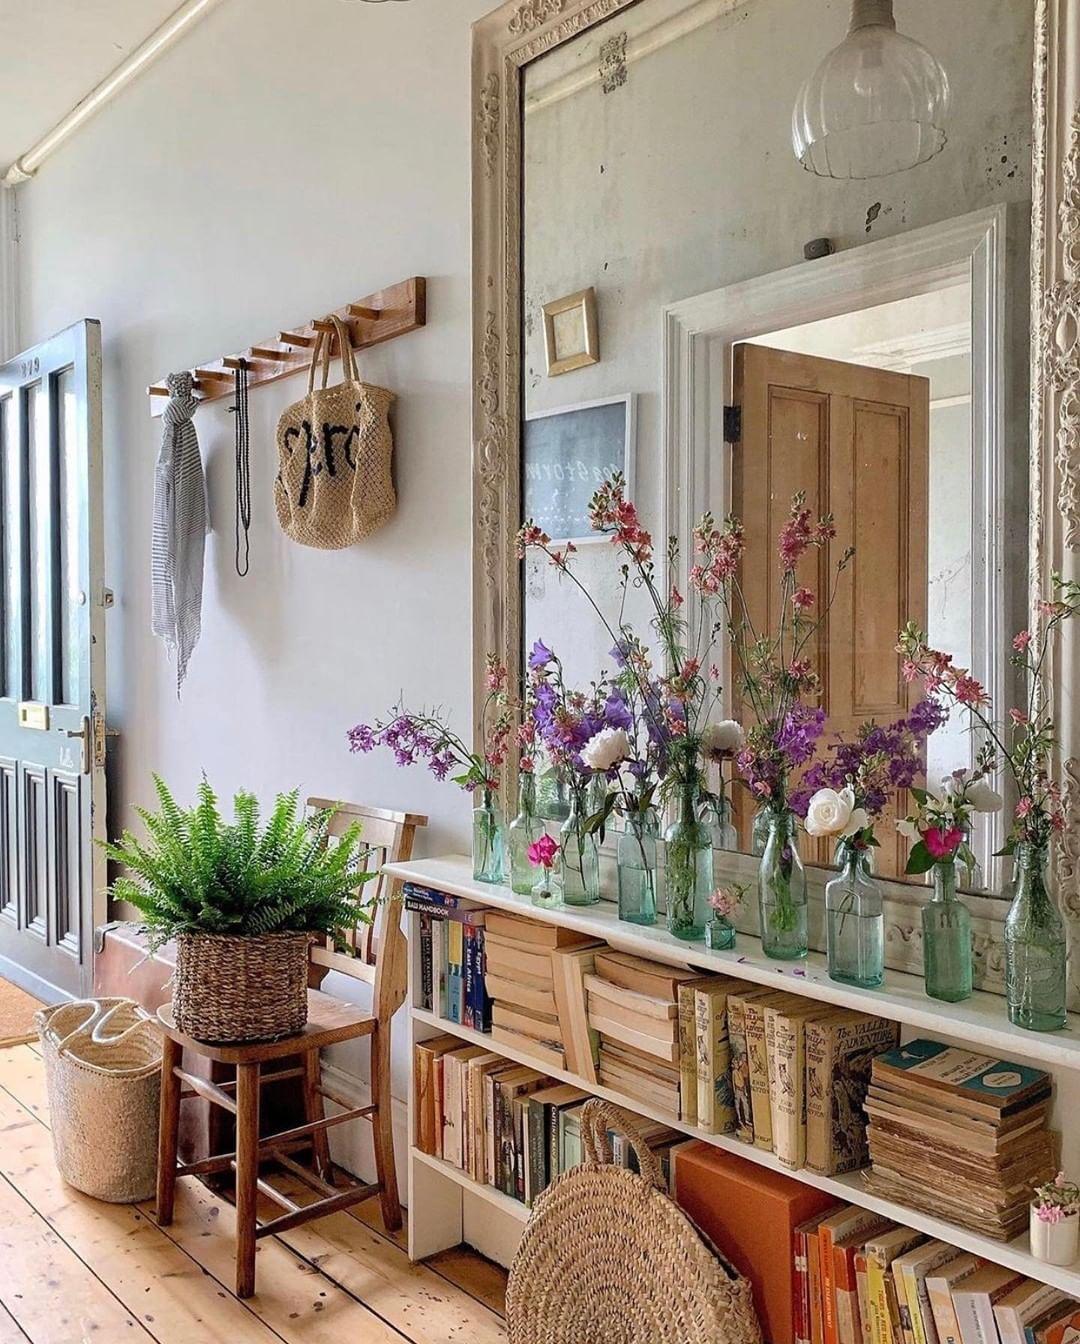 tendências de decoração de interiores (3)